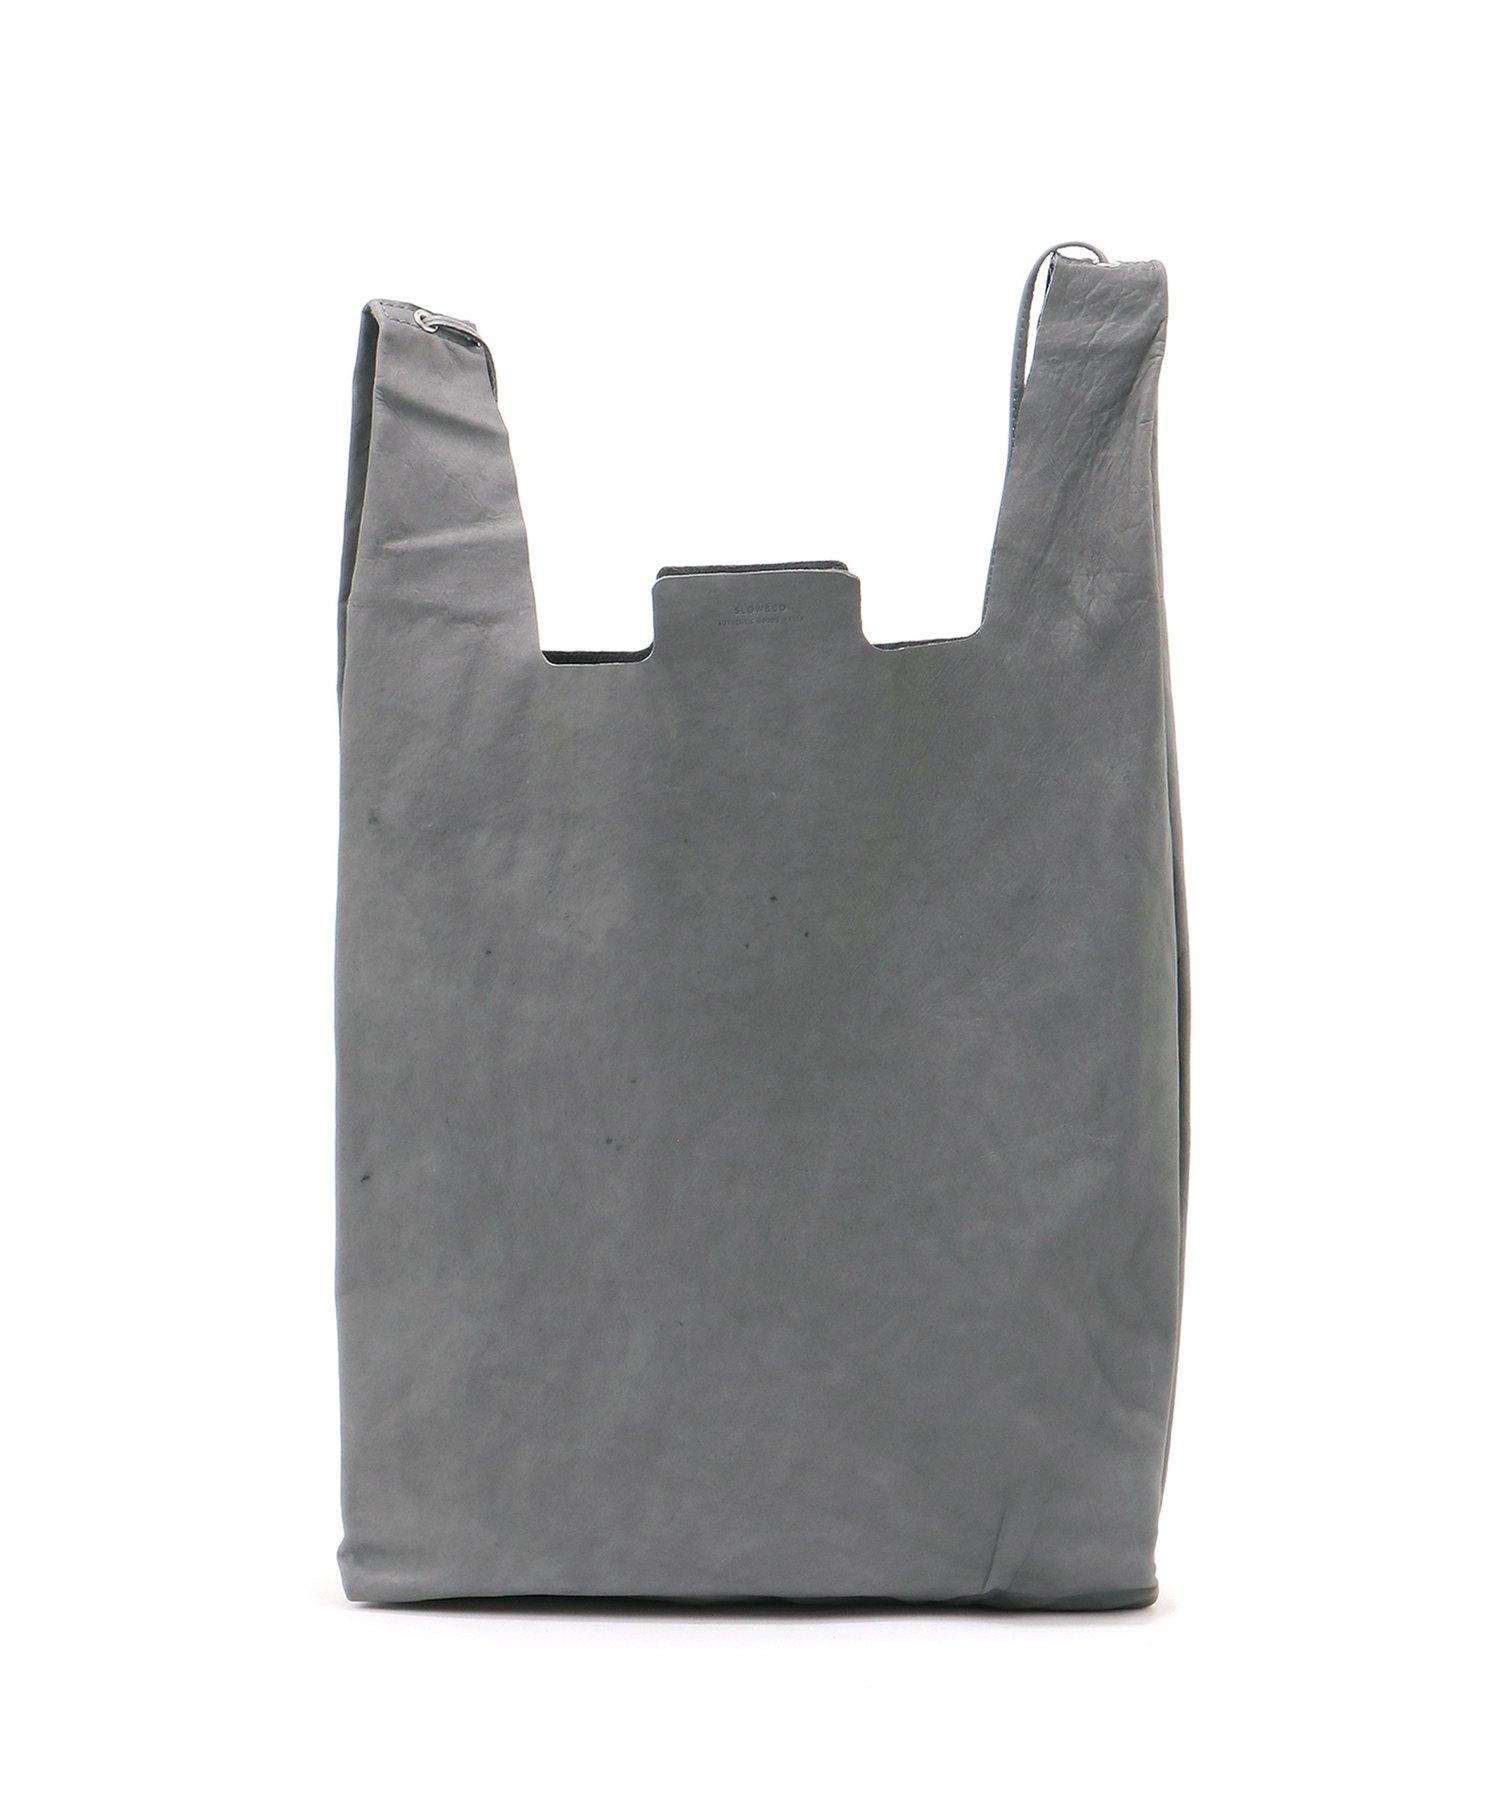 Lui's(ルイス) 【SLOW/スロウ】2way レザーショッパートートバッグ